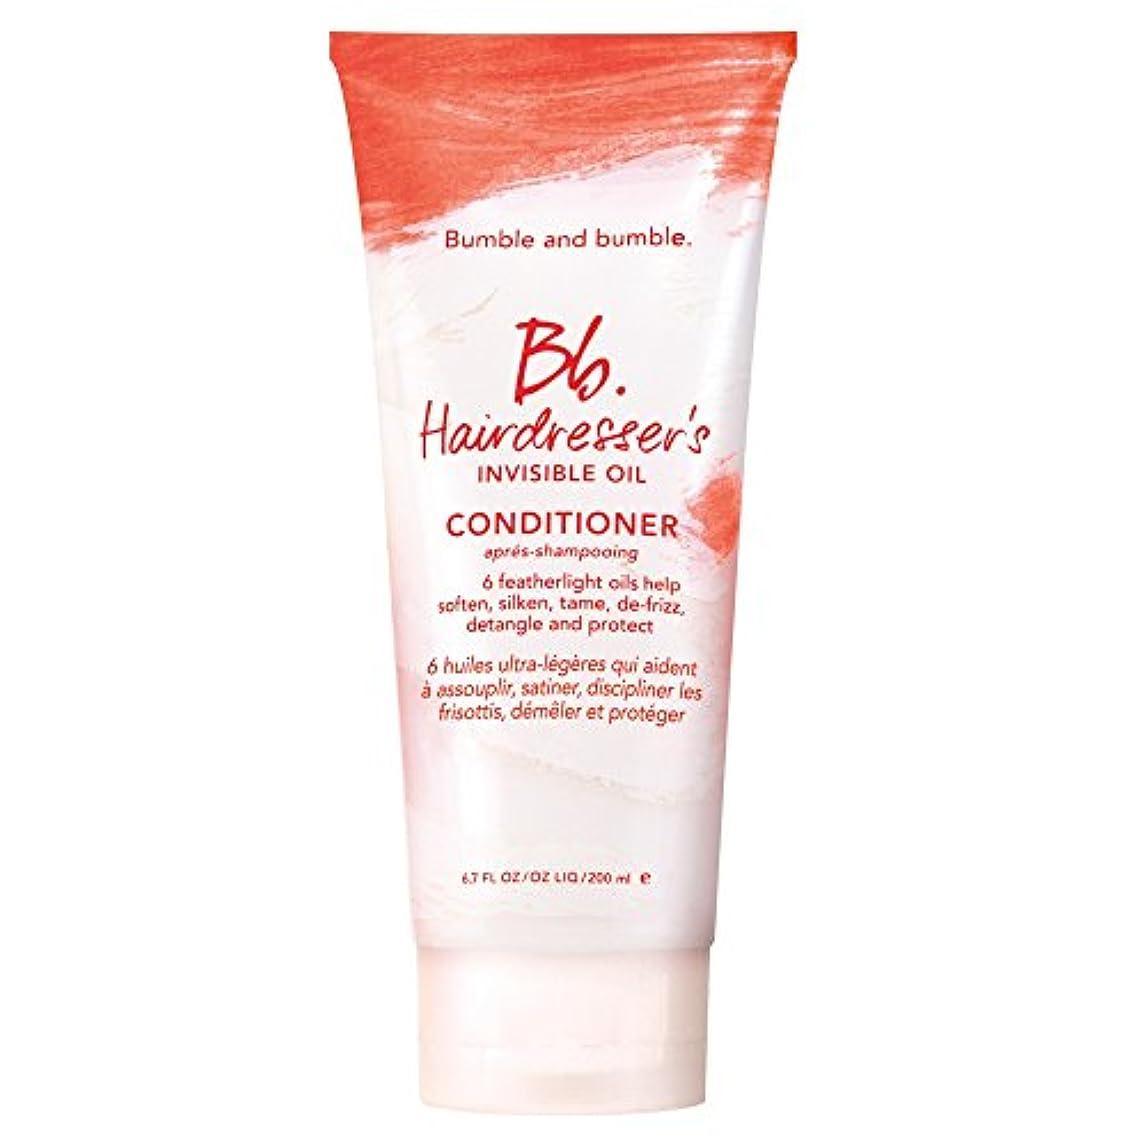 固体まだら電池バンブルアンドバンブル美容見えないオイルコンディショナー200ミリリットル (Bumble and bumble) (x6) - Bumble and bumble Hairdressers invisible oil...